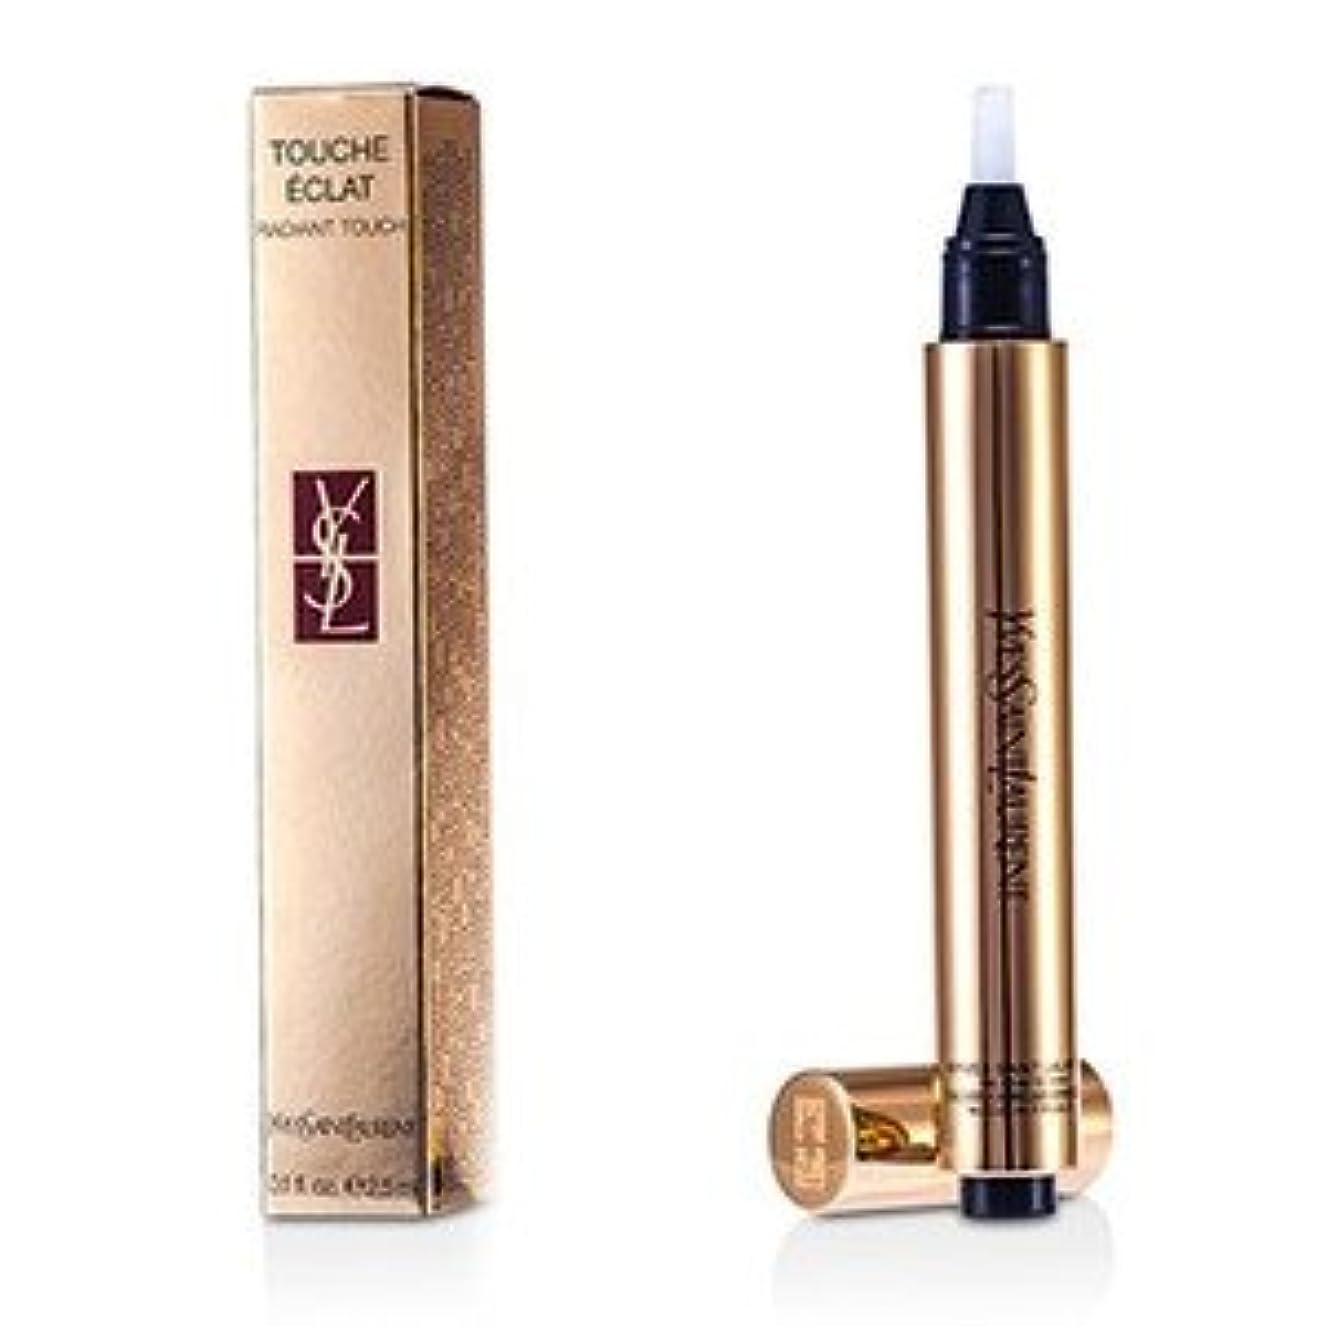 遺伝的ダメージ子孫Yves Saint Laurent(イヴサンローラン) ラディアント タッチ/タッチ エクラ - #2.5 Luminous Vanilla 2.5ml/0.1oz [並行輸入品]